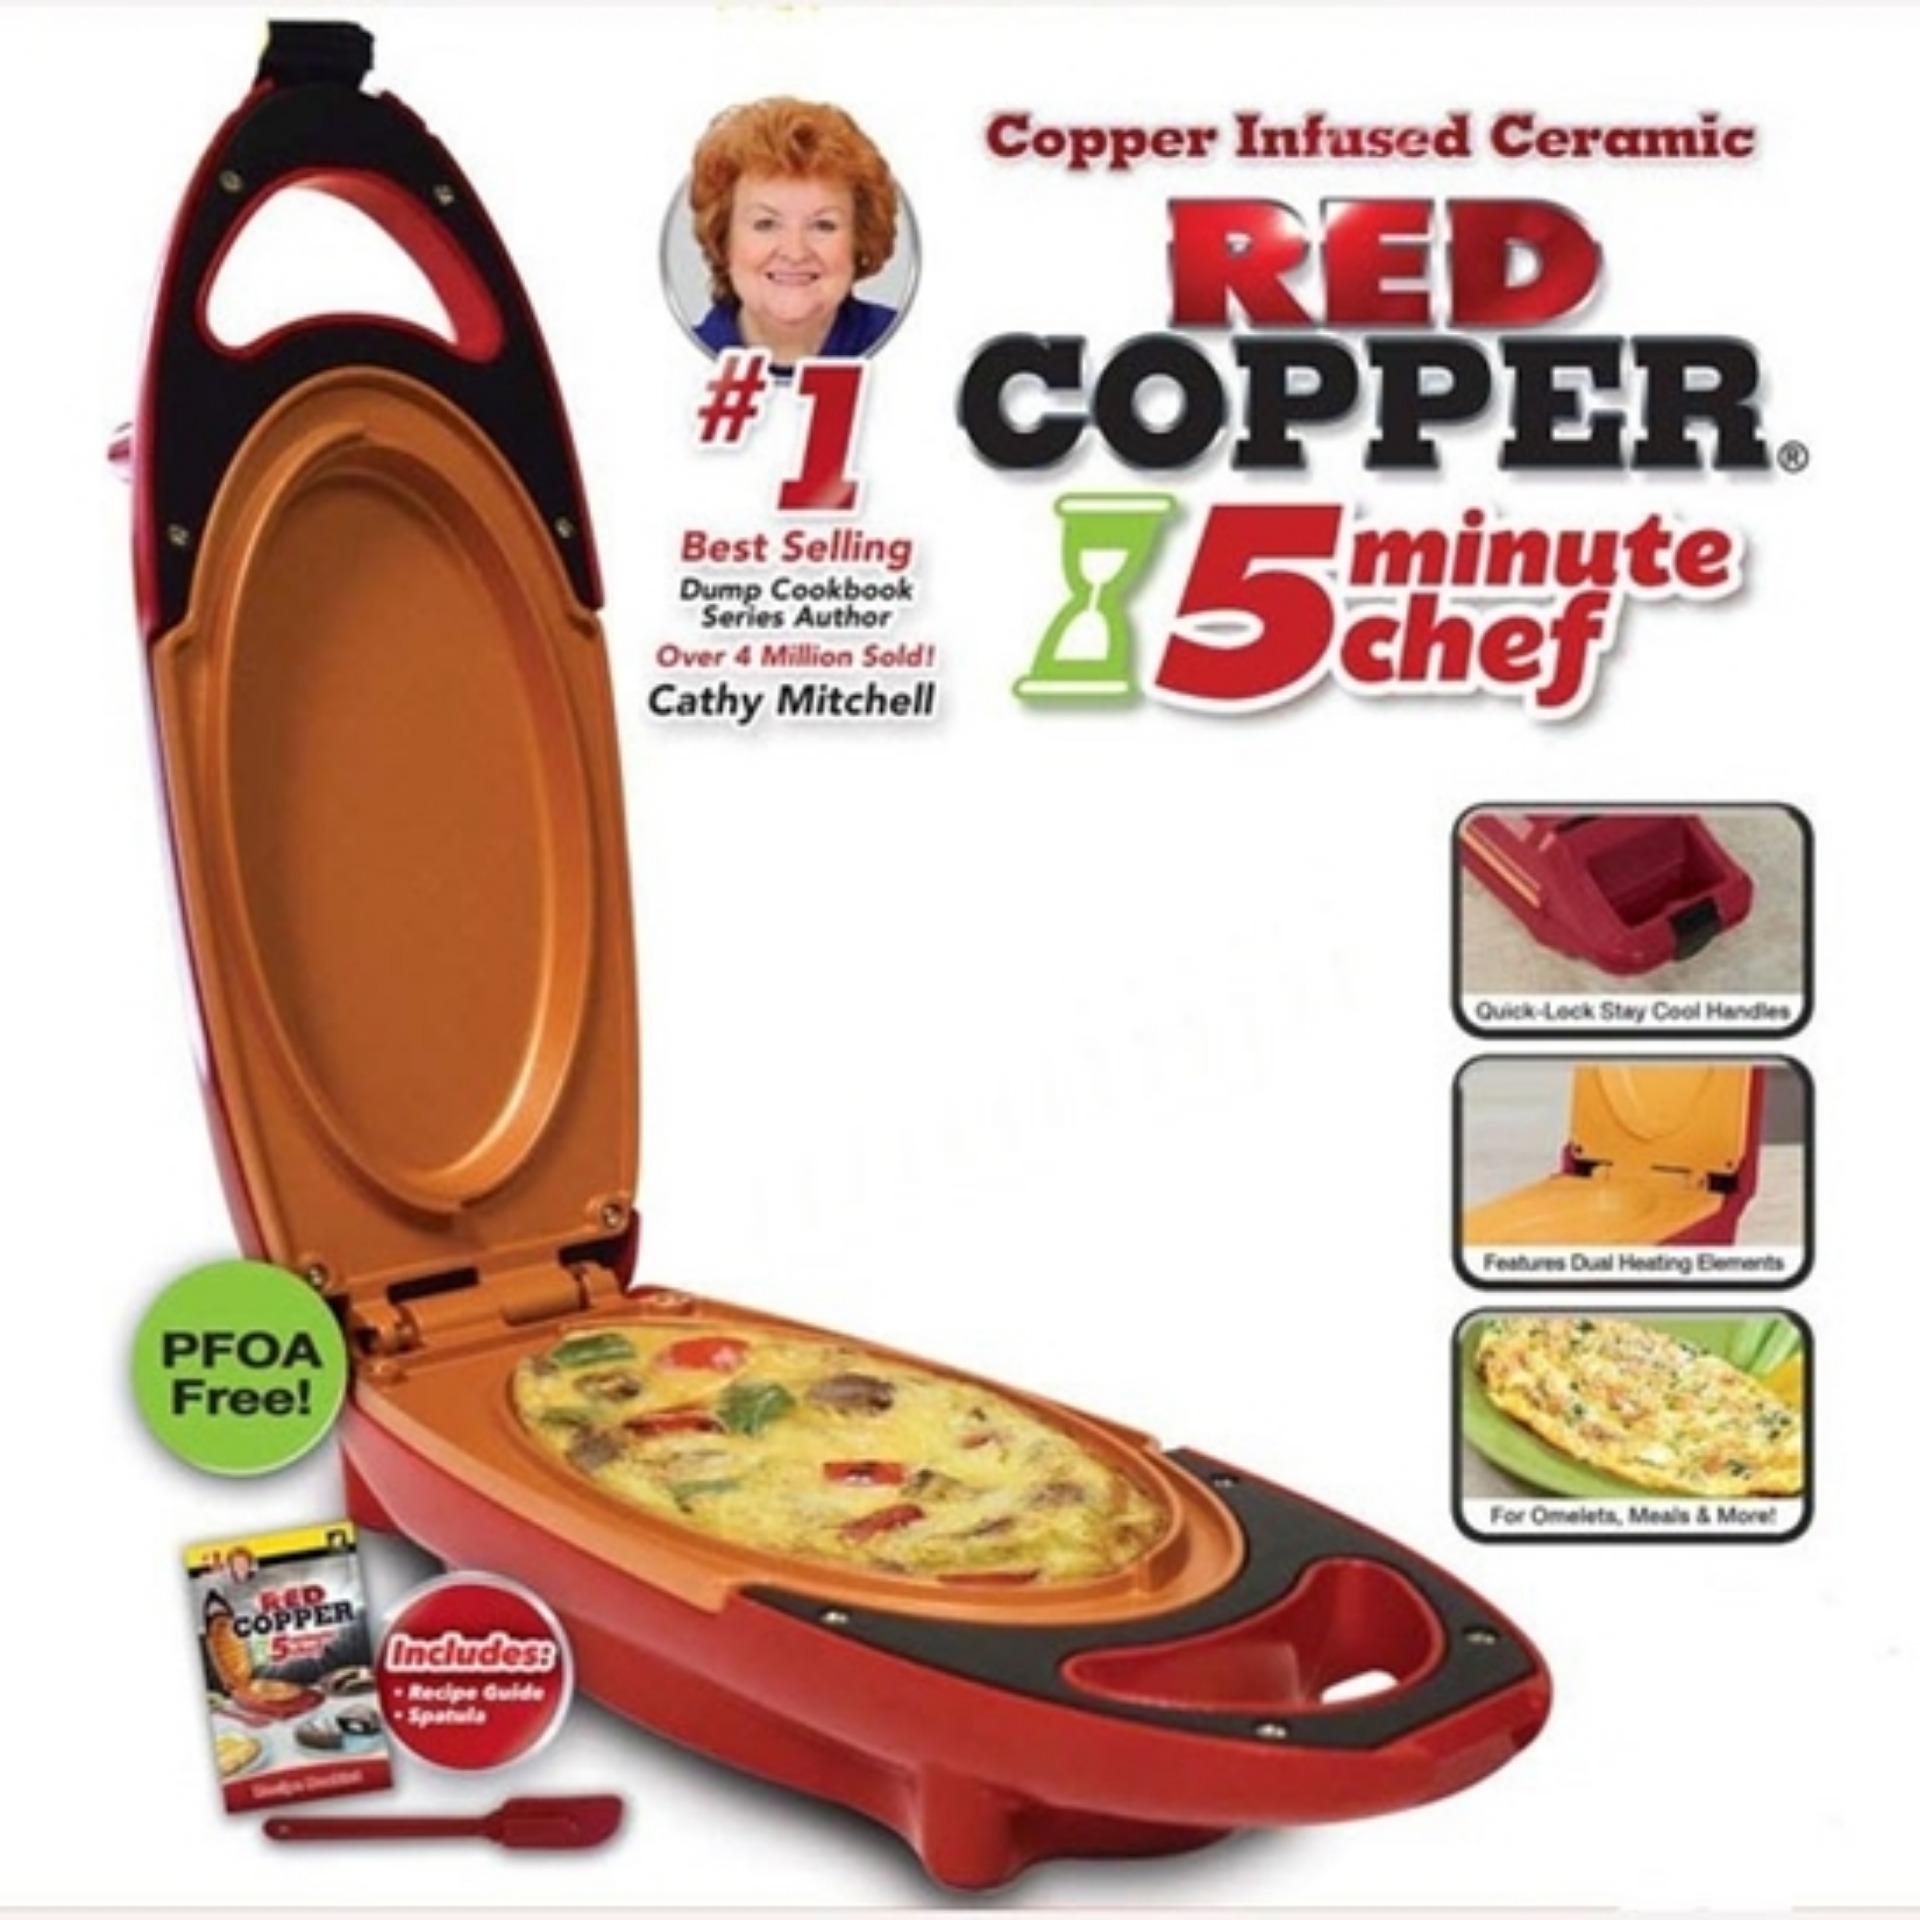 Hình ảnh Máy nướng bánh Red Copper - Thanos Store